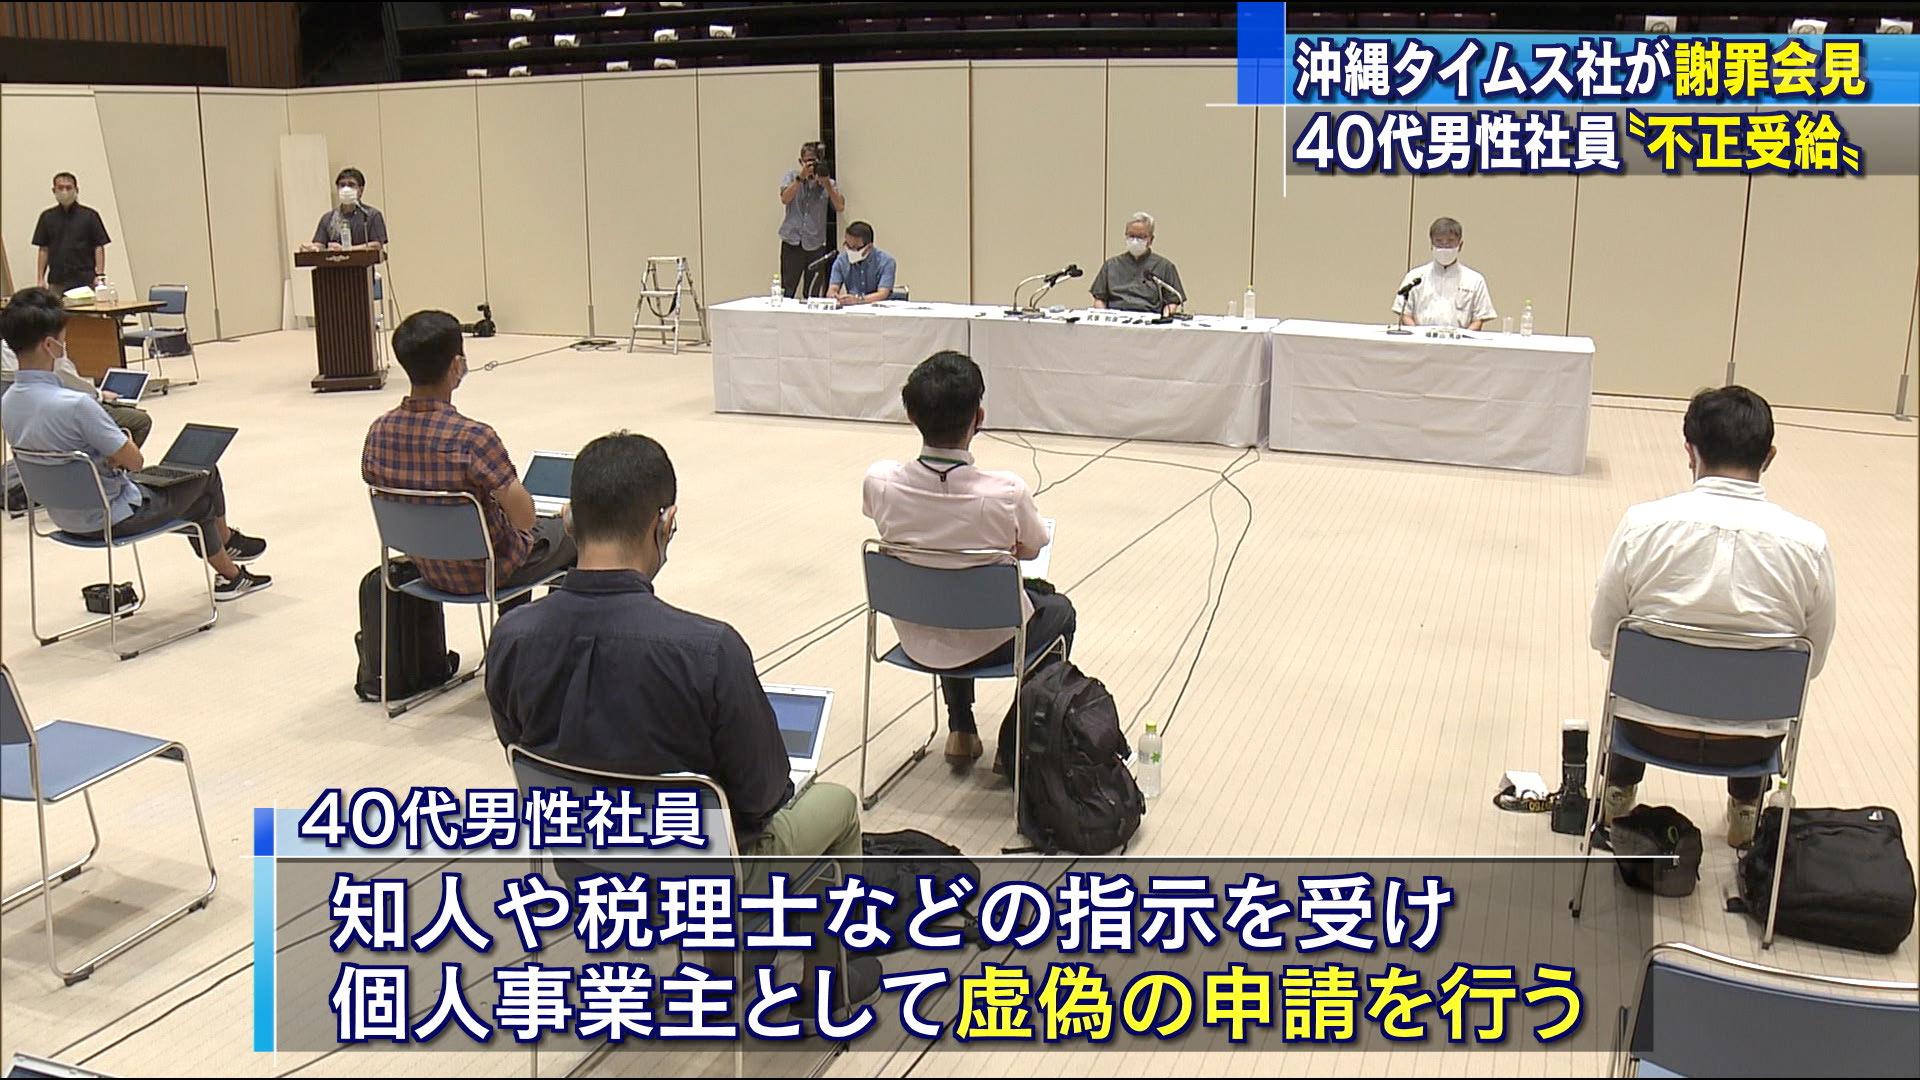 沖縄タイムス社が社員の不正受給で謝罪会見